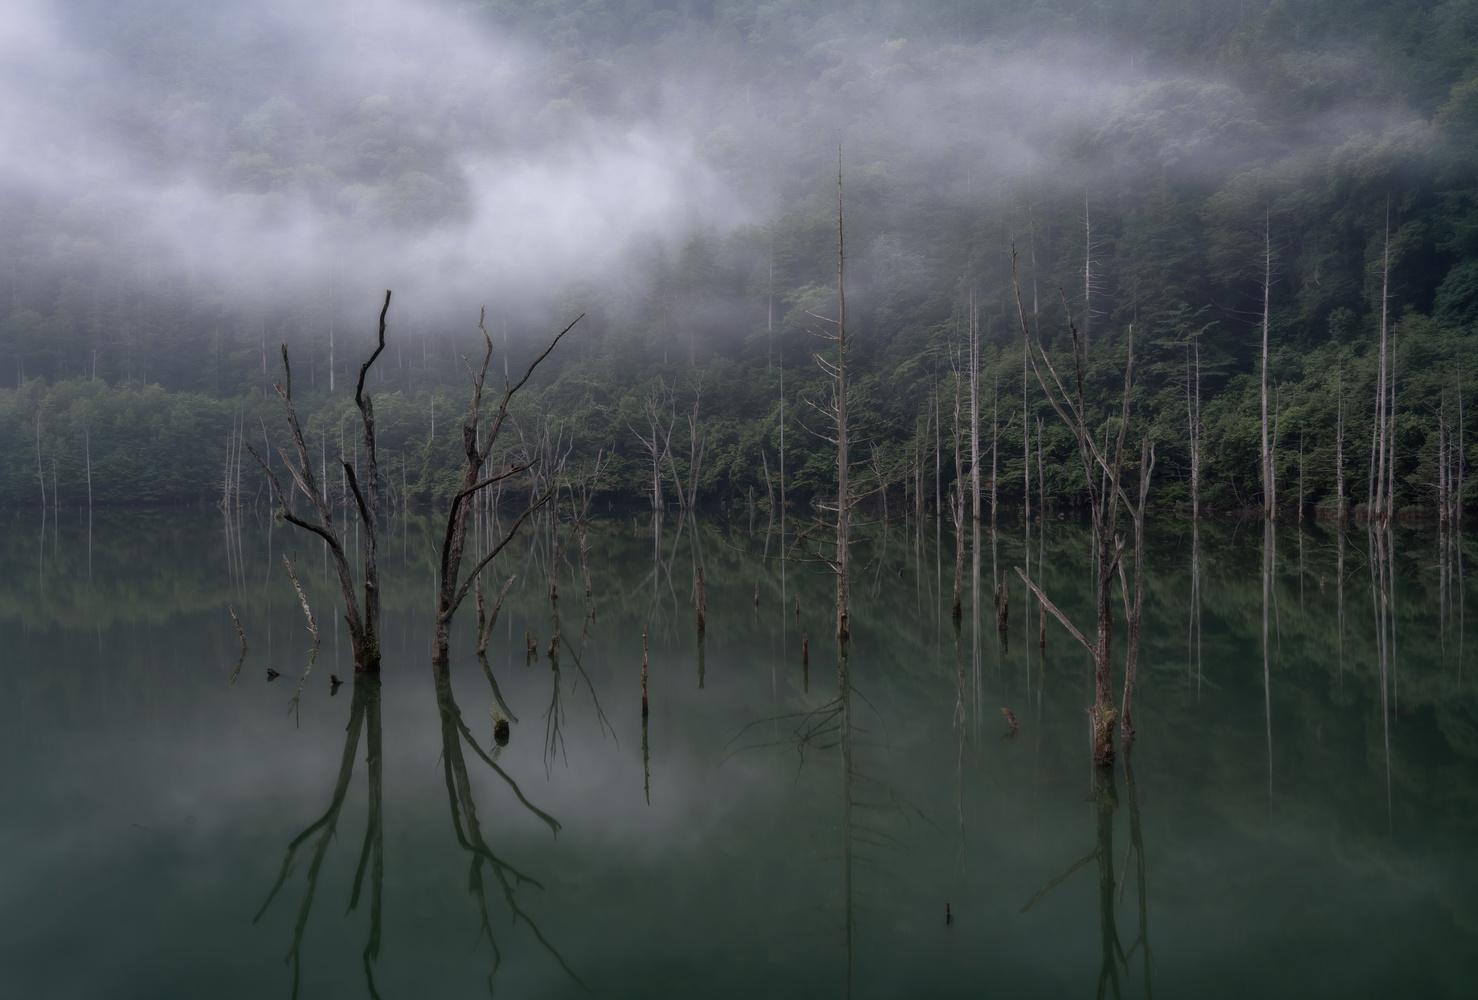 Dead tree grave by kousuke kitajima